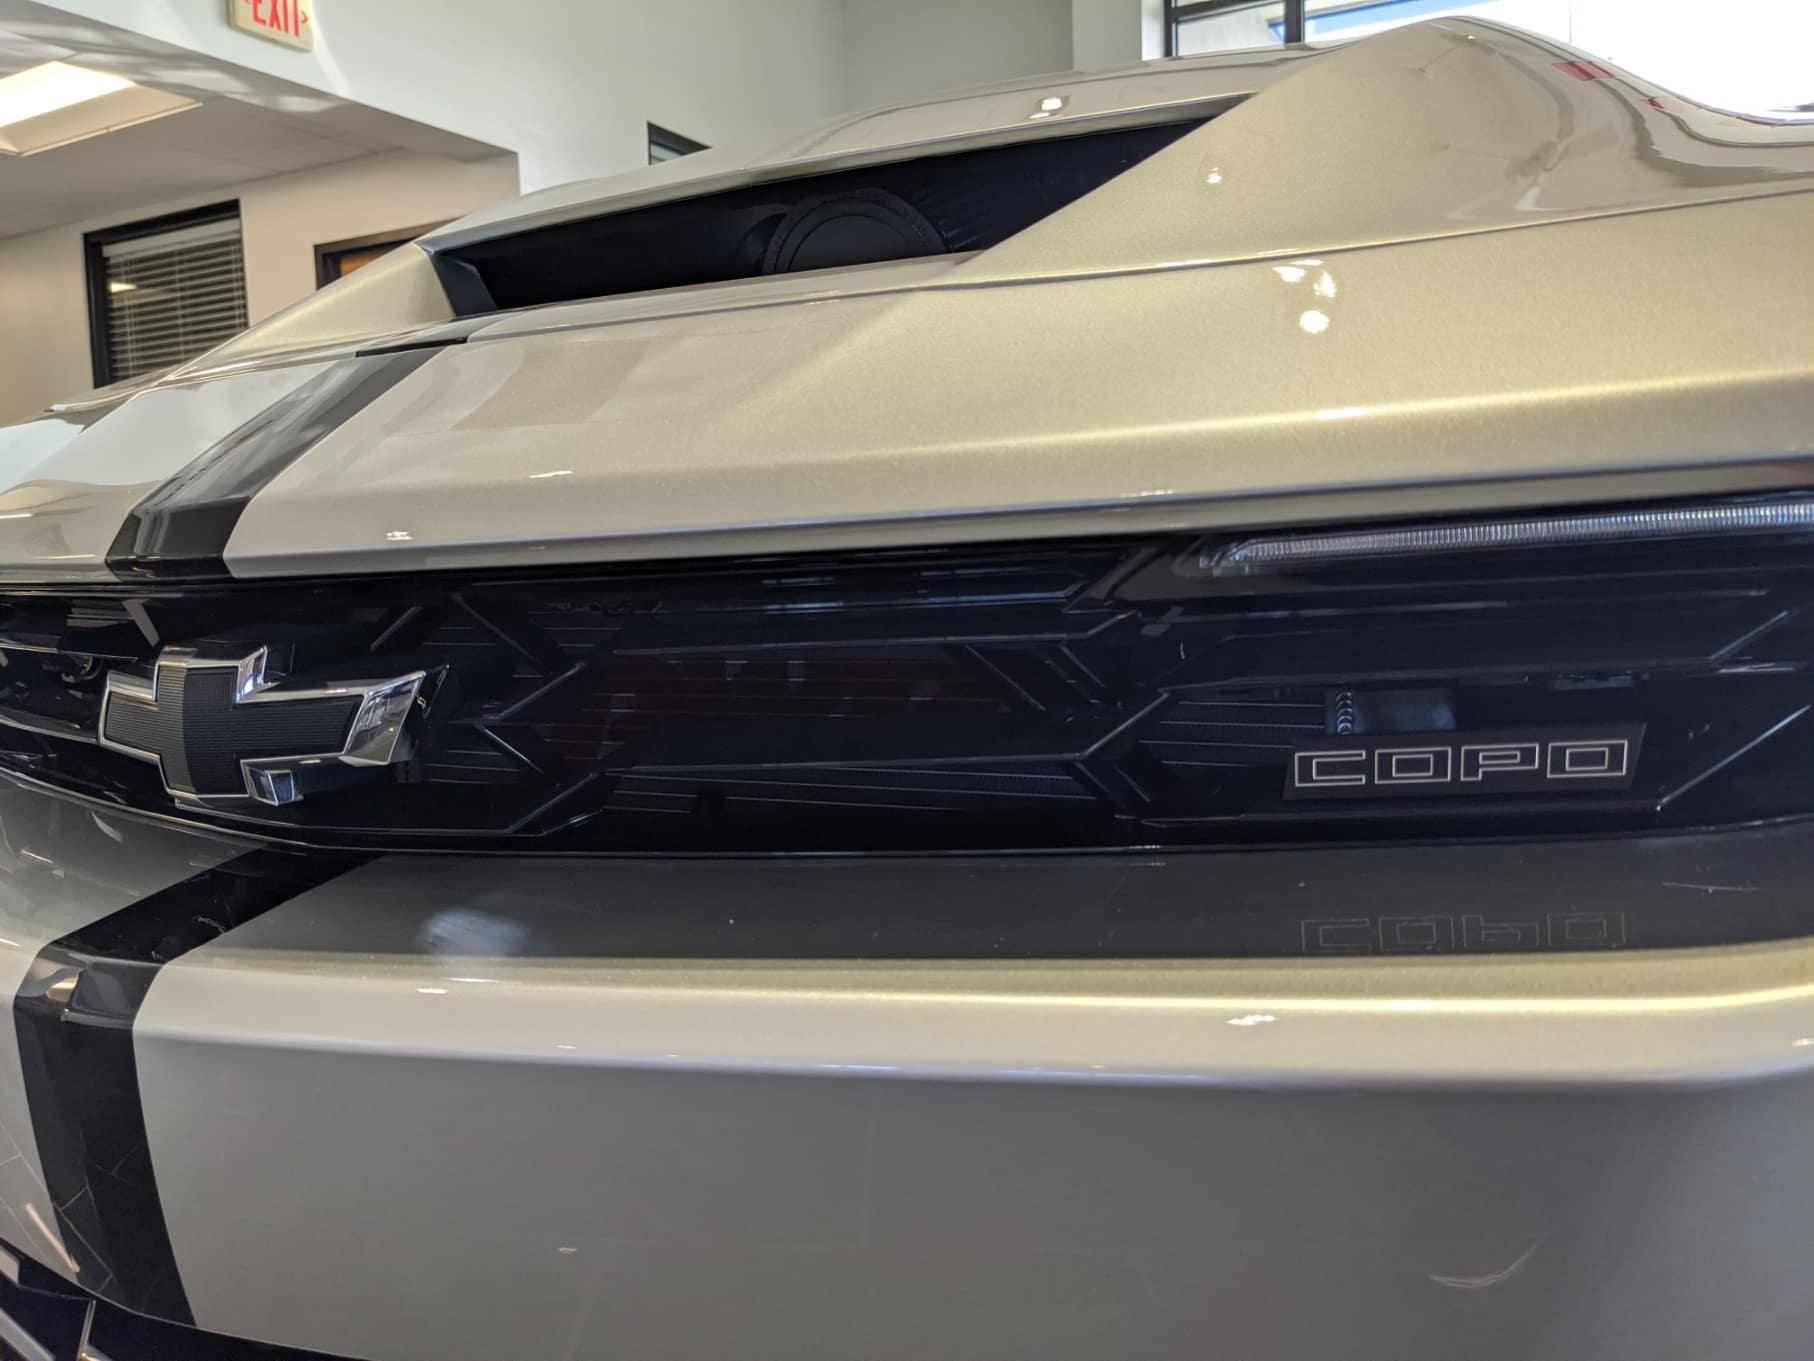 New Chevy Copo Camaro Exterior